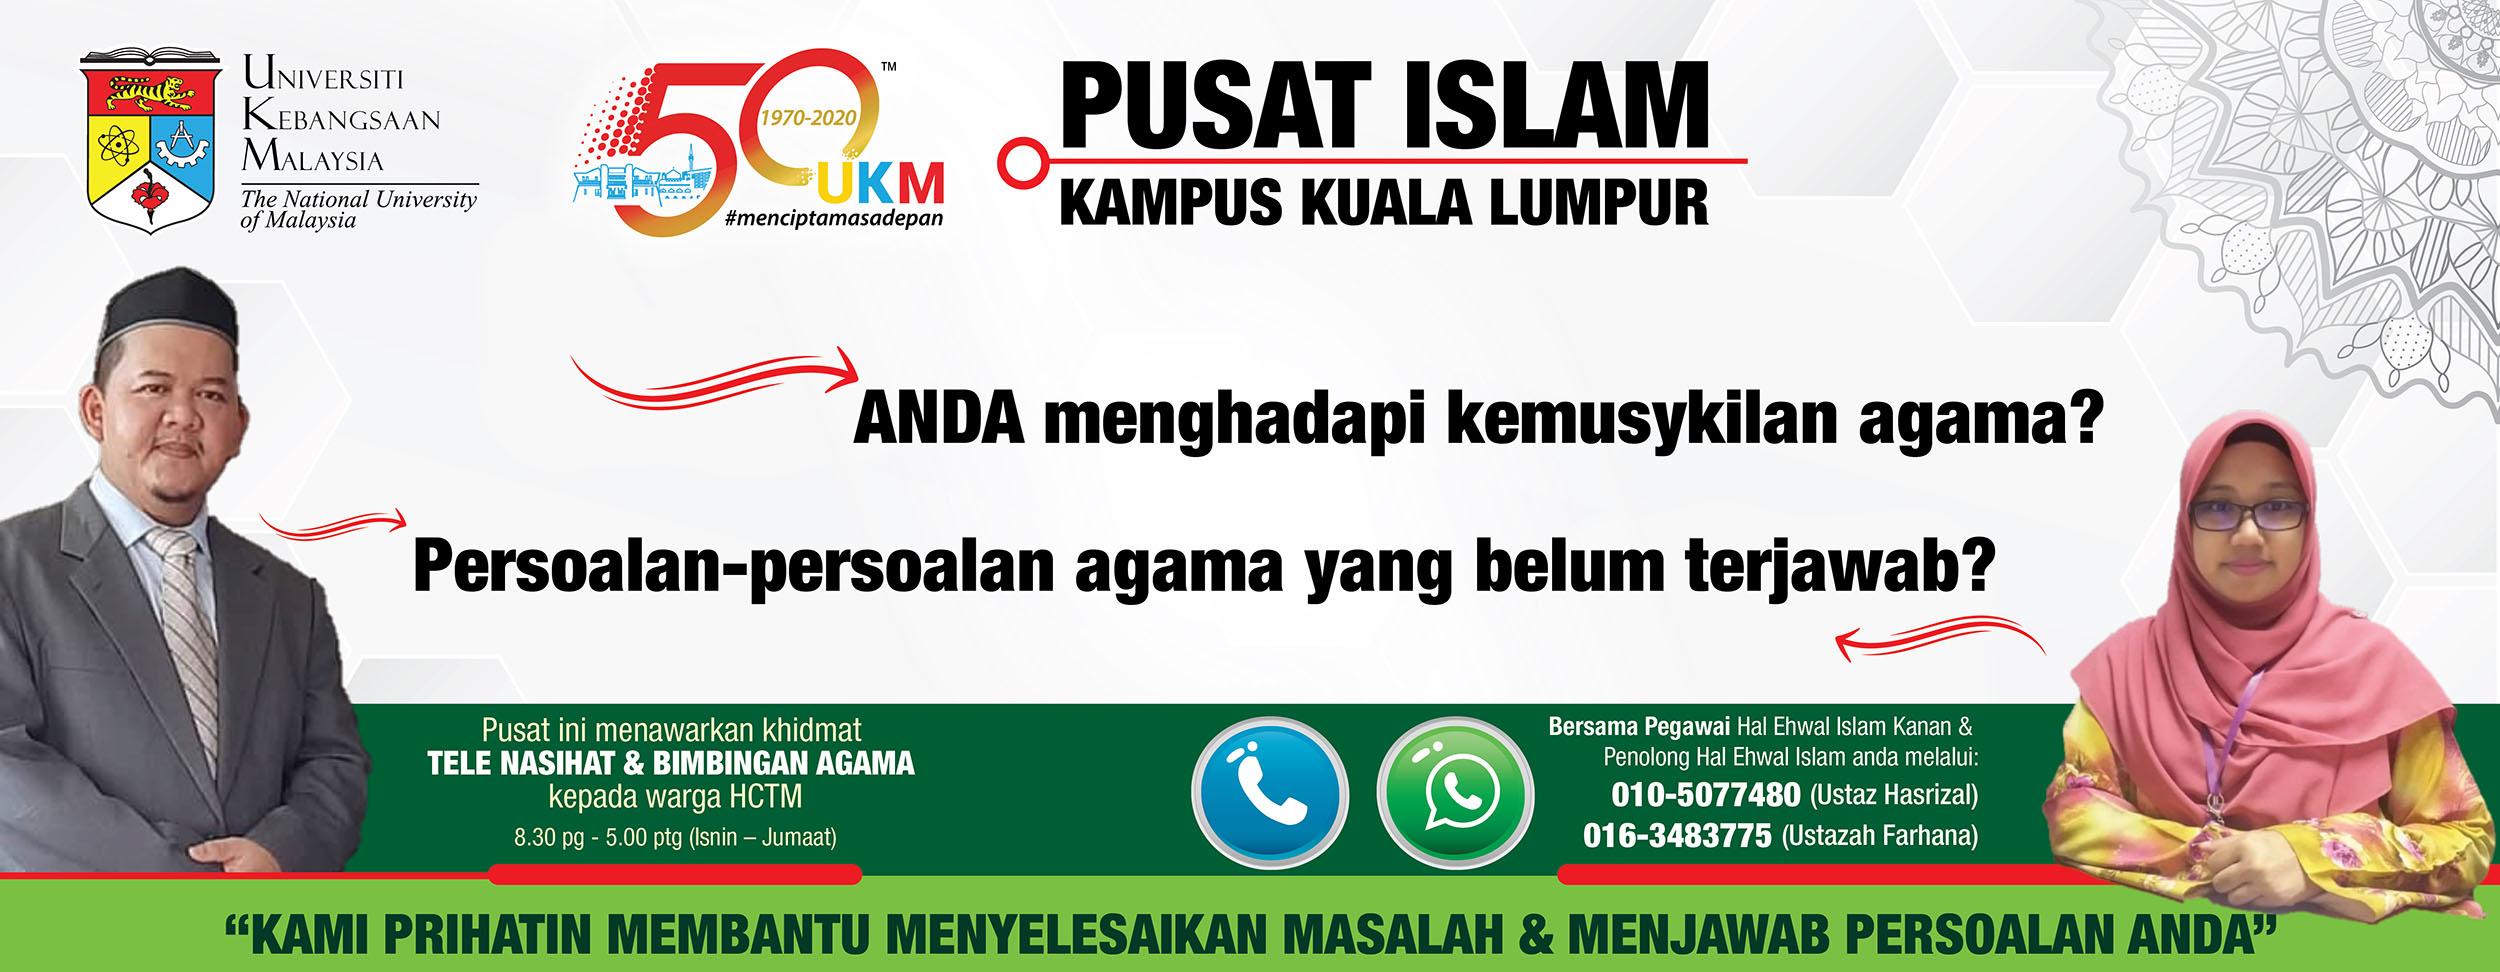 Pusat Islam KKL UKM